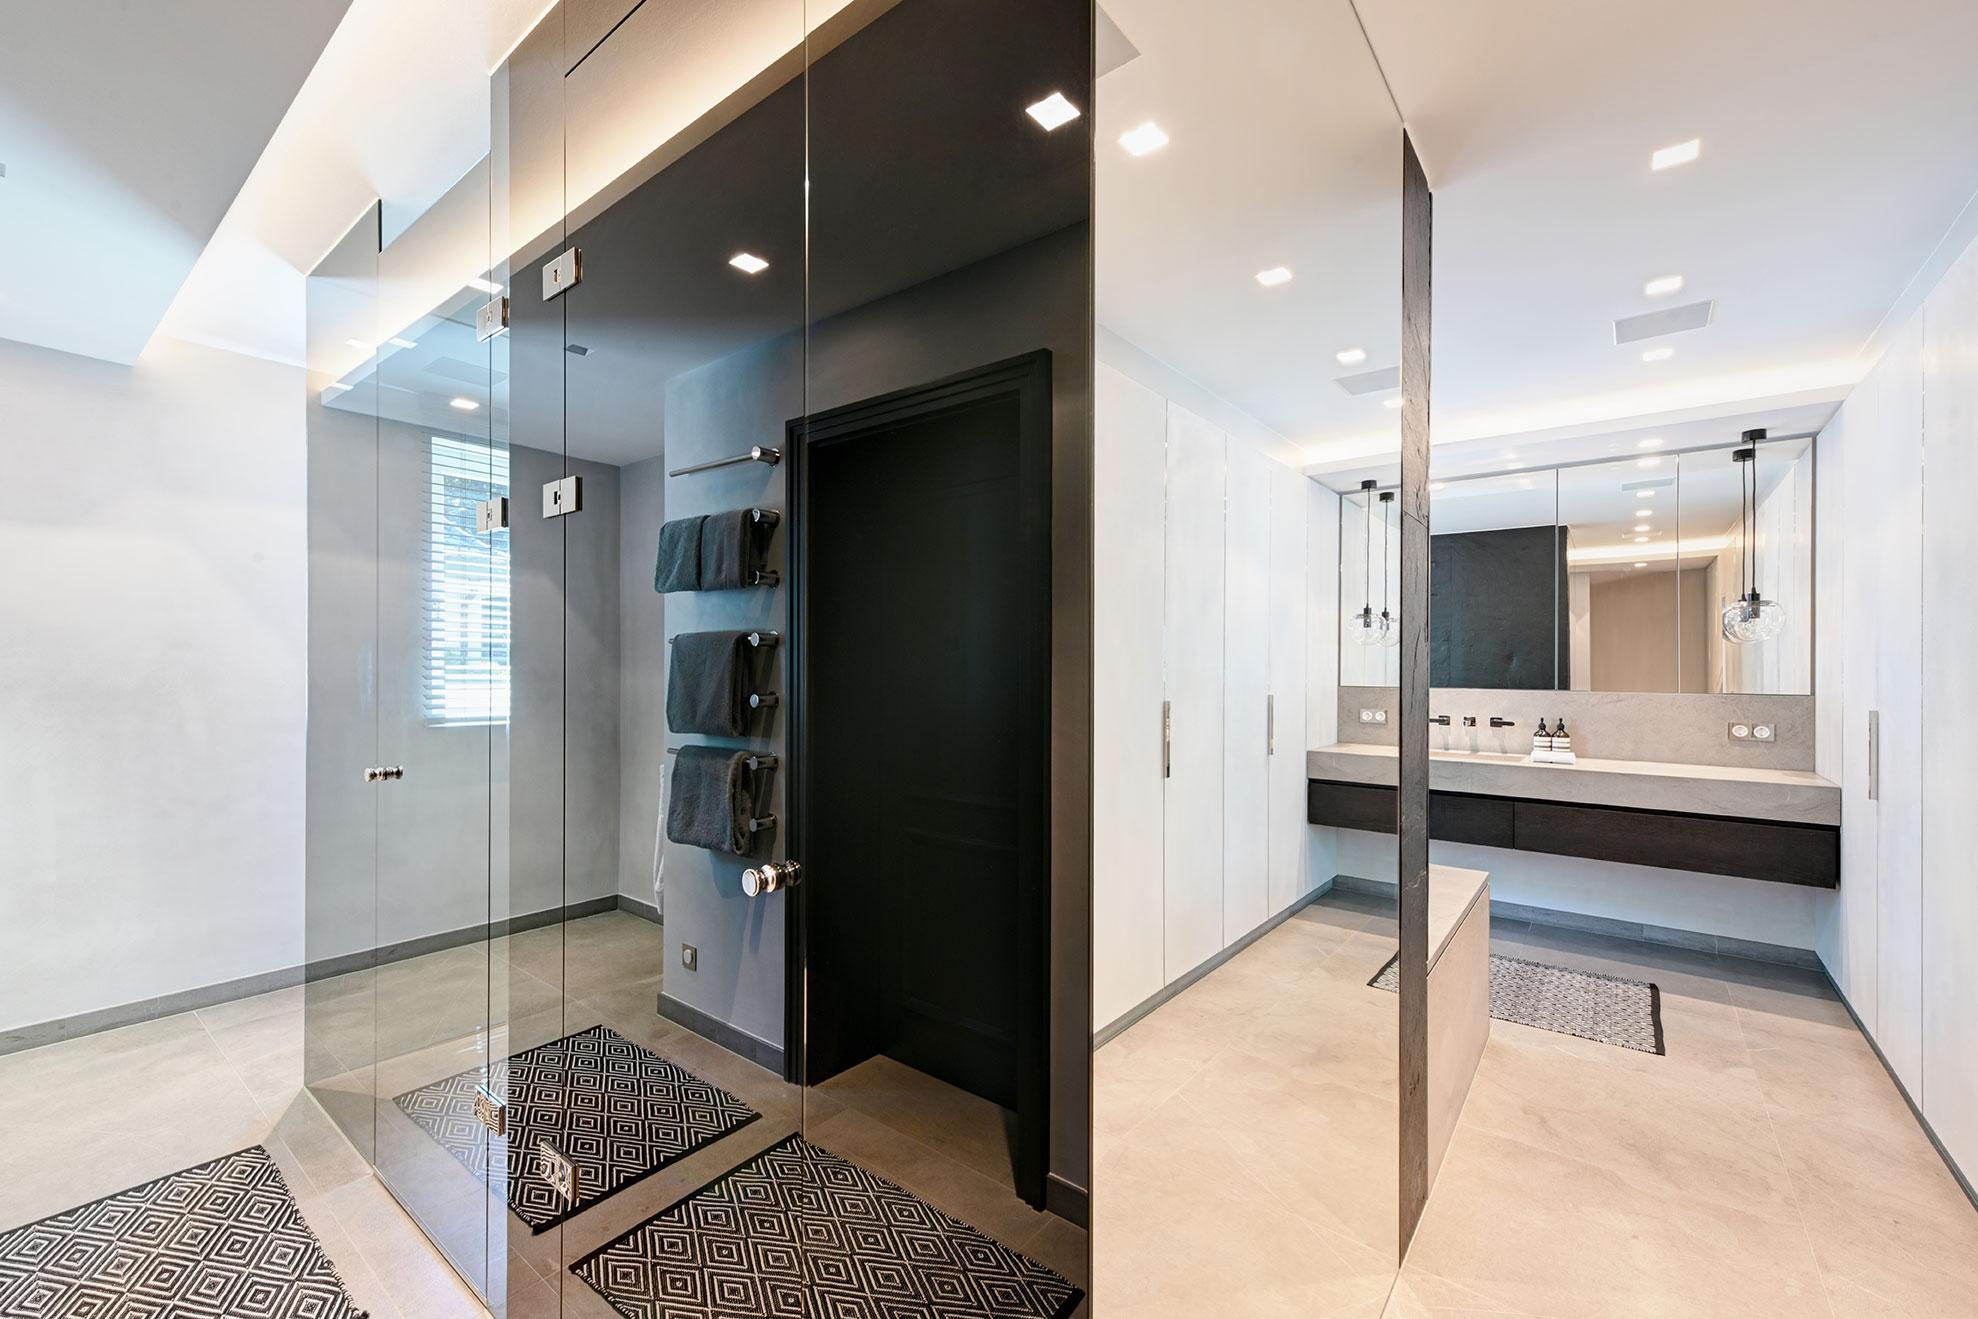 AED-Planung, luxus, geiles, schönes, modernes Badezimmer